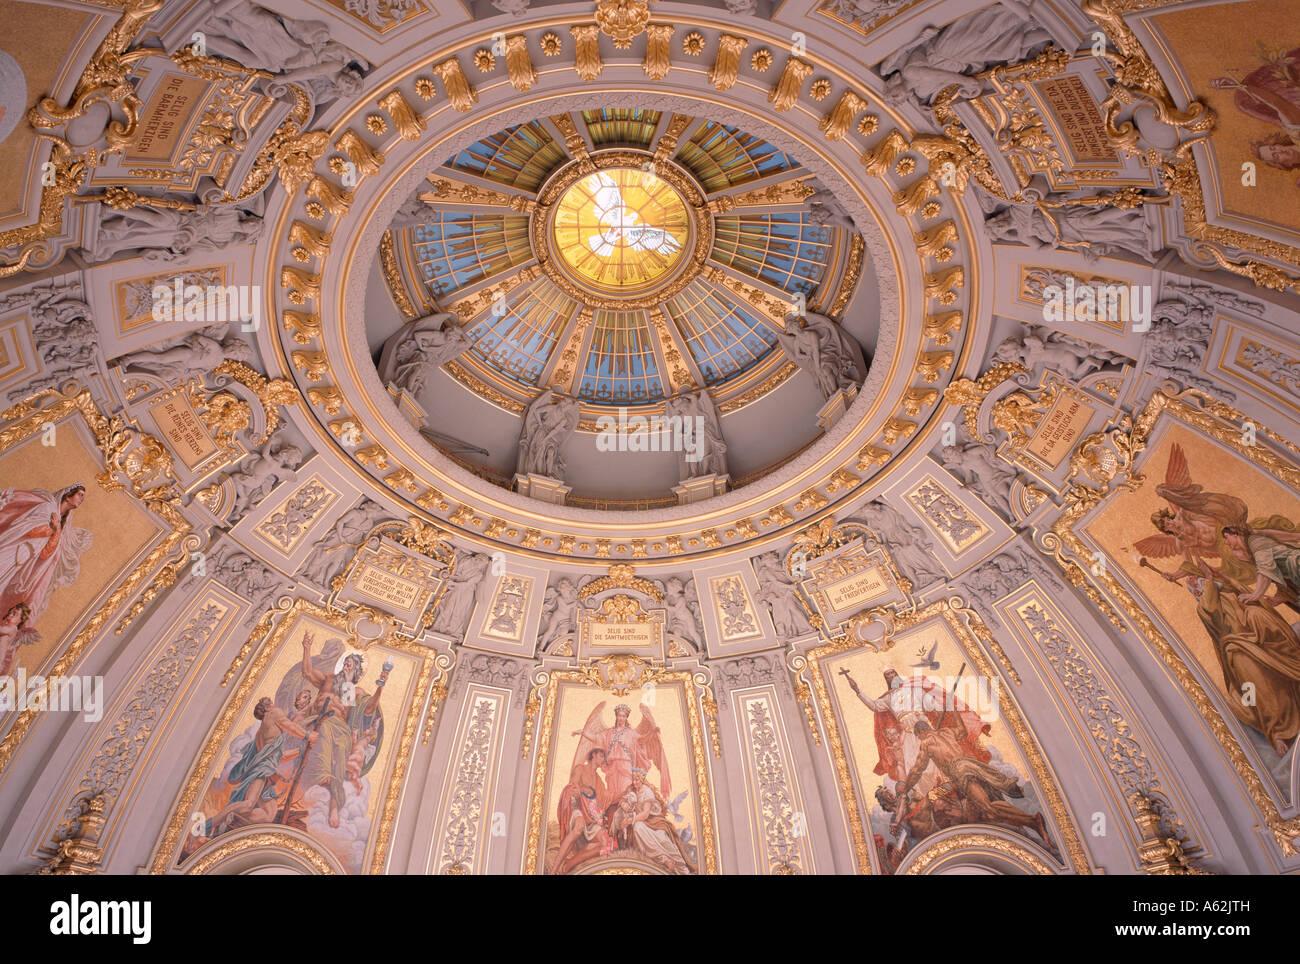 Berlin, Dom, Mosaike in der Kuppel - Stock Image